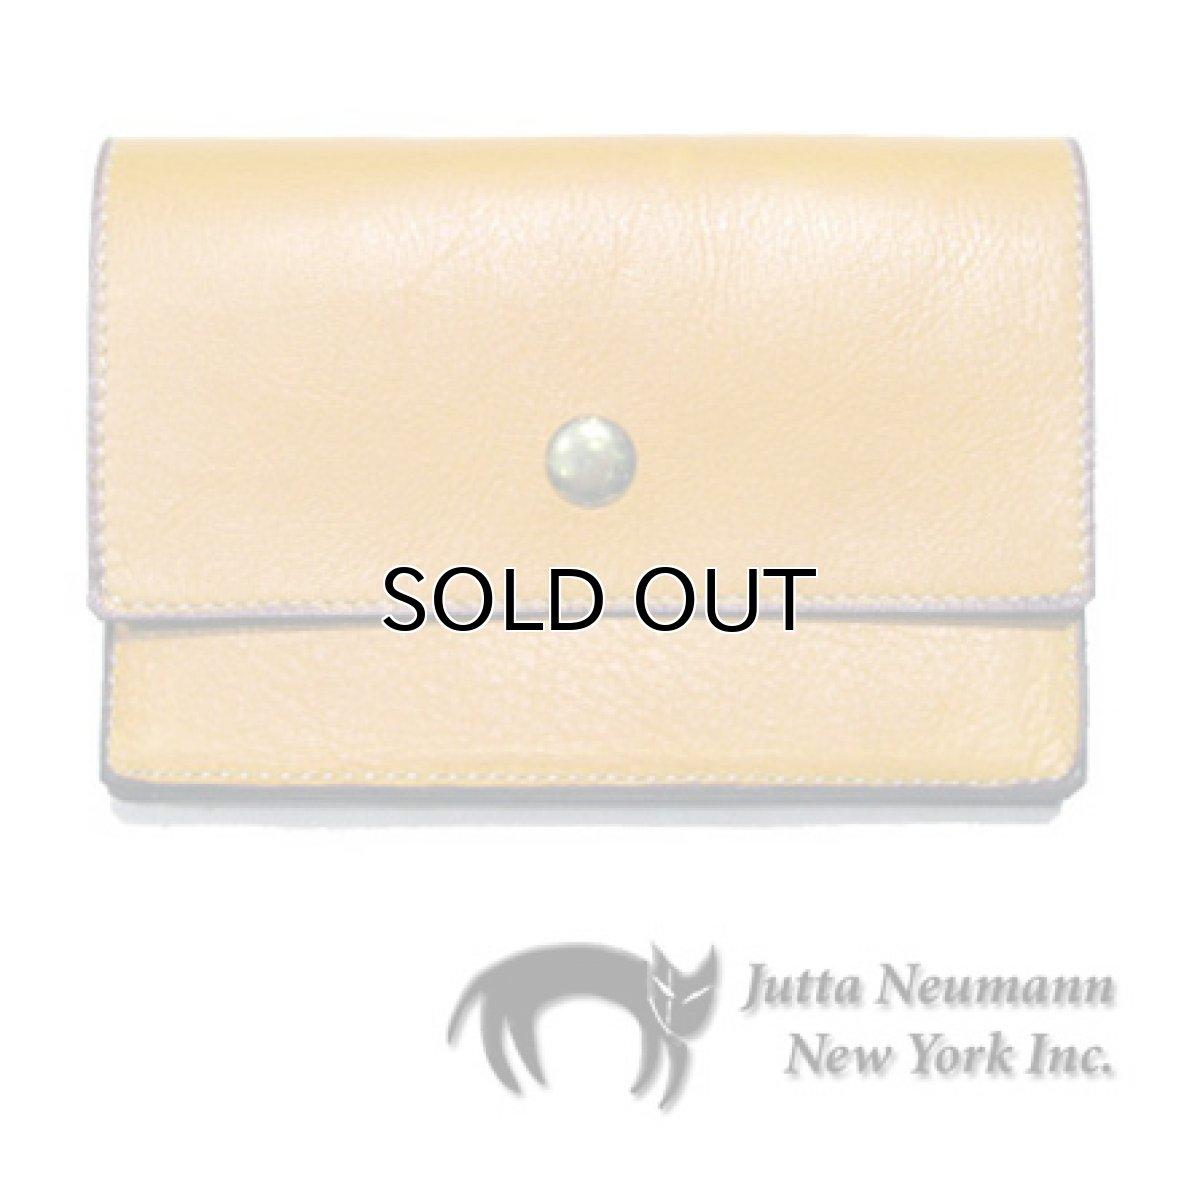 """画像1: """"JUTTA NEUMANN"""" Leather Wallet """"the Waiter's Wallet""""  Medium Size color : Mustard / Turquoise (1)"""